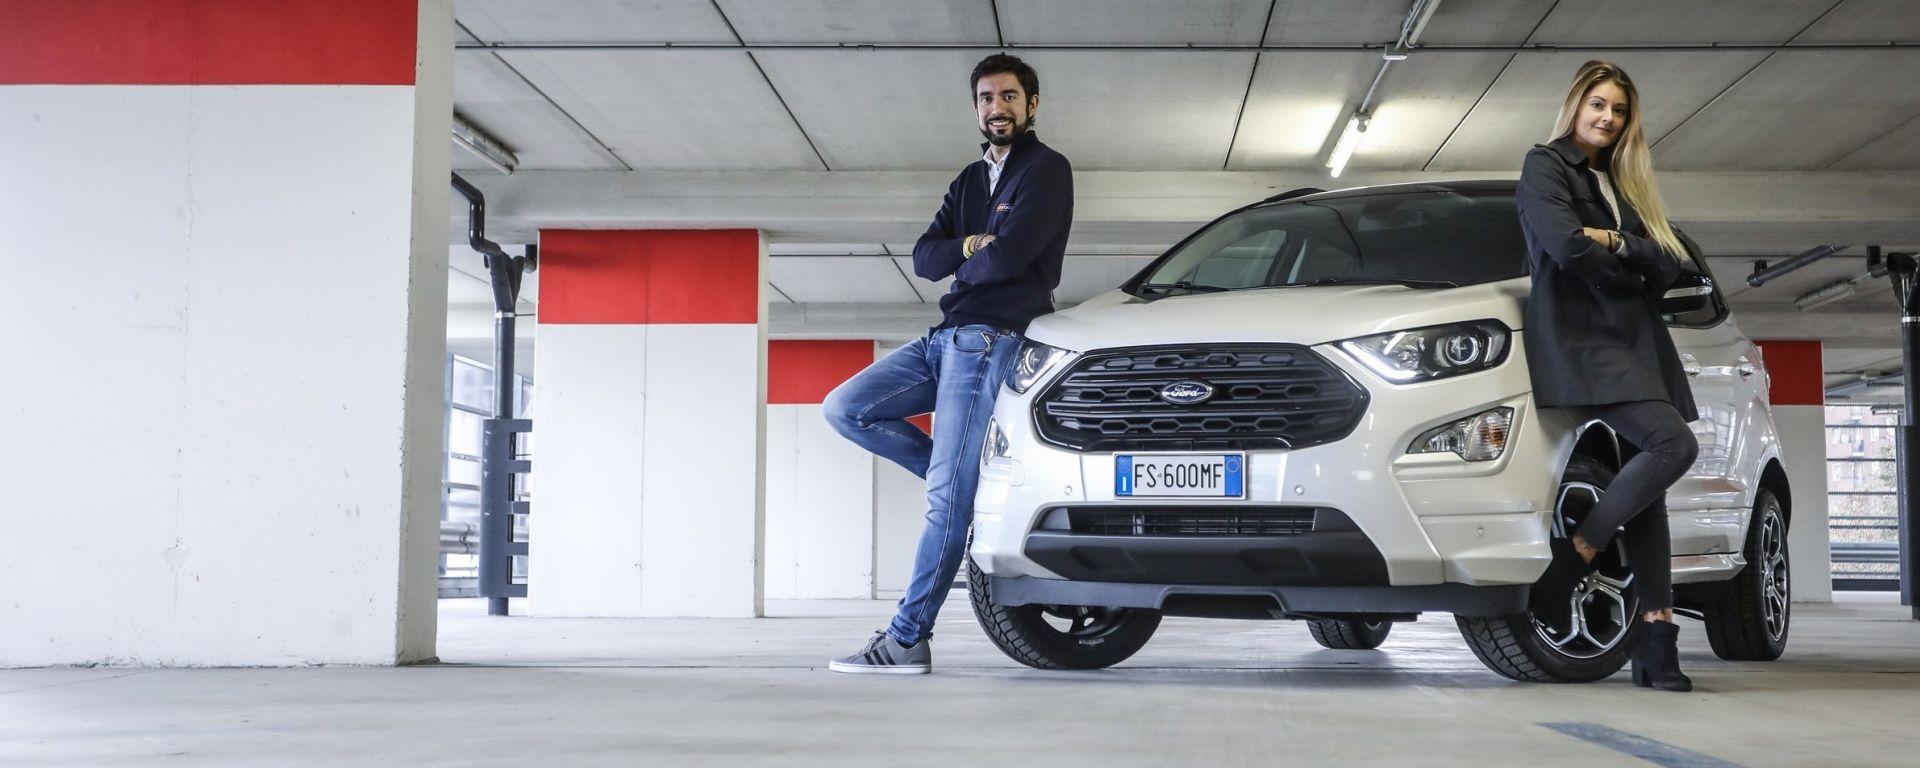 Ford Ecosport 2018: esiste il perfetto SUV compatto?